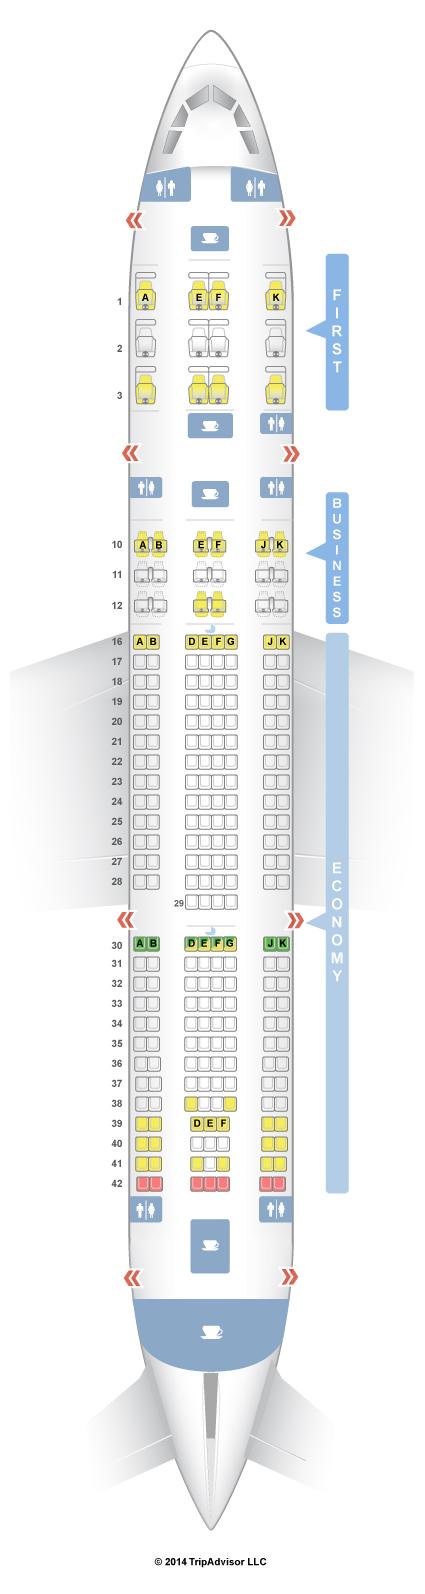 SeatGuru Seat Map Qatar Airways